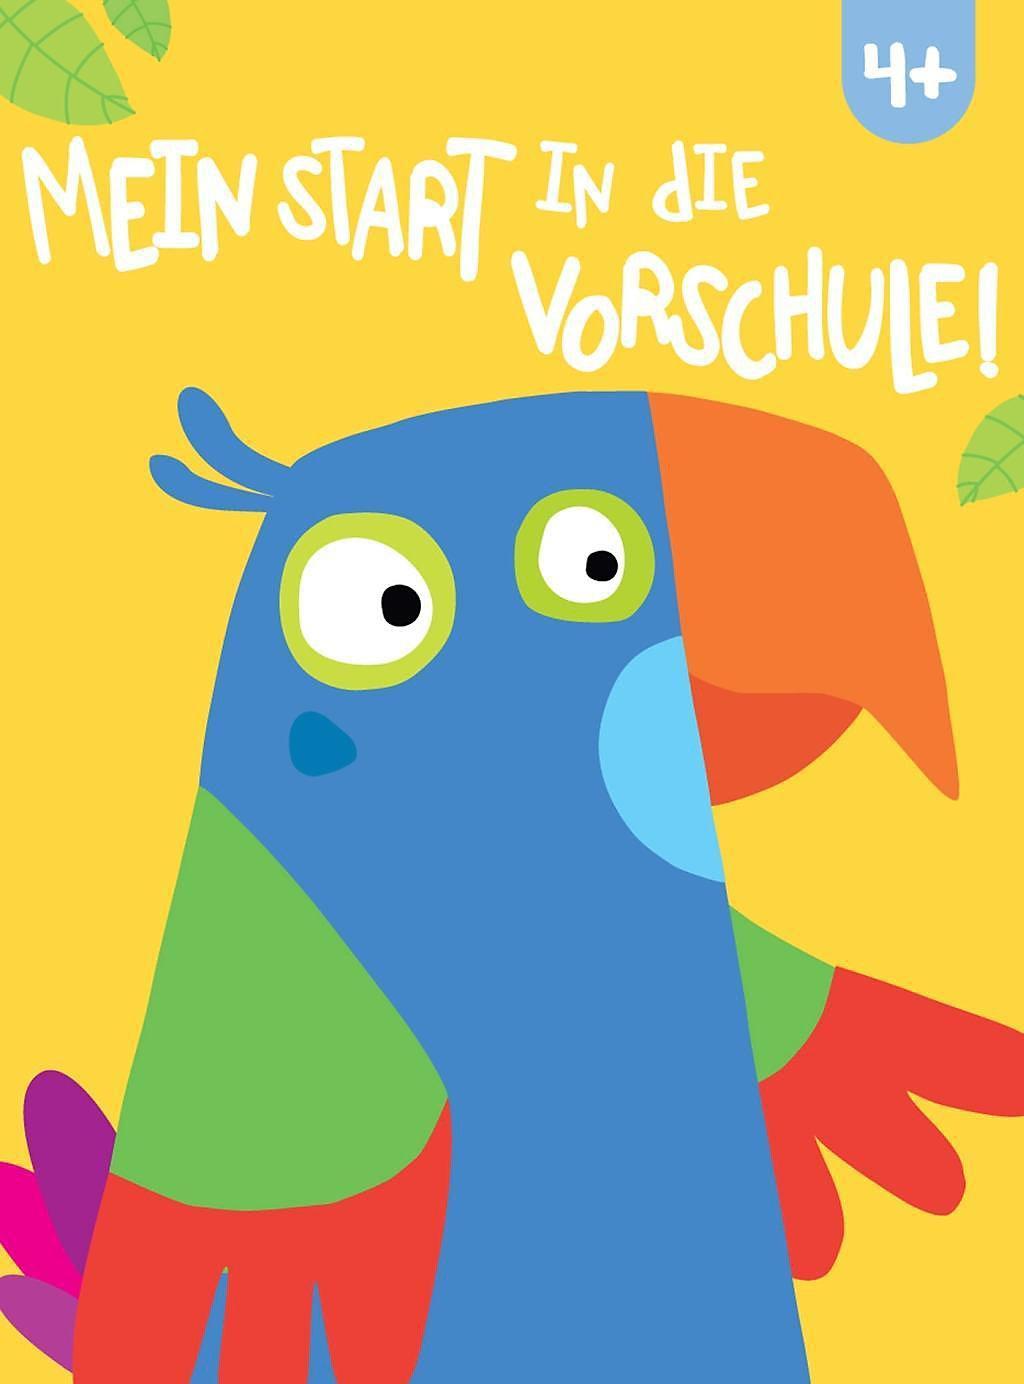 Mein Start in die Vorschule! 4+ Buch bei Weltbild.de bestellen